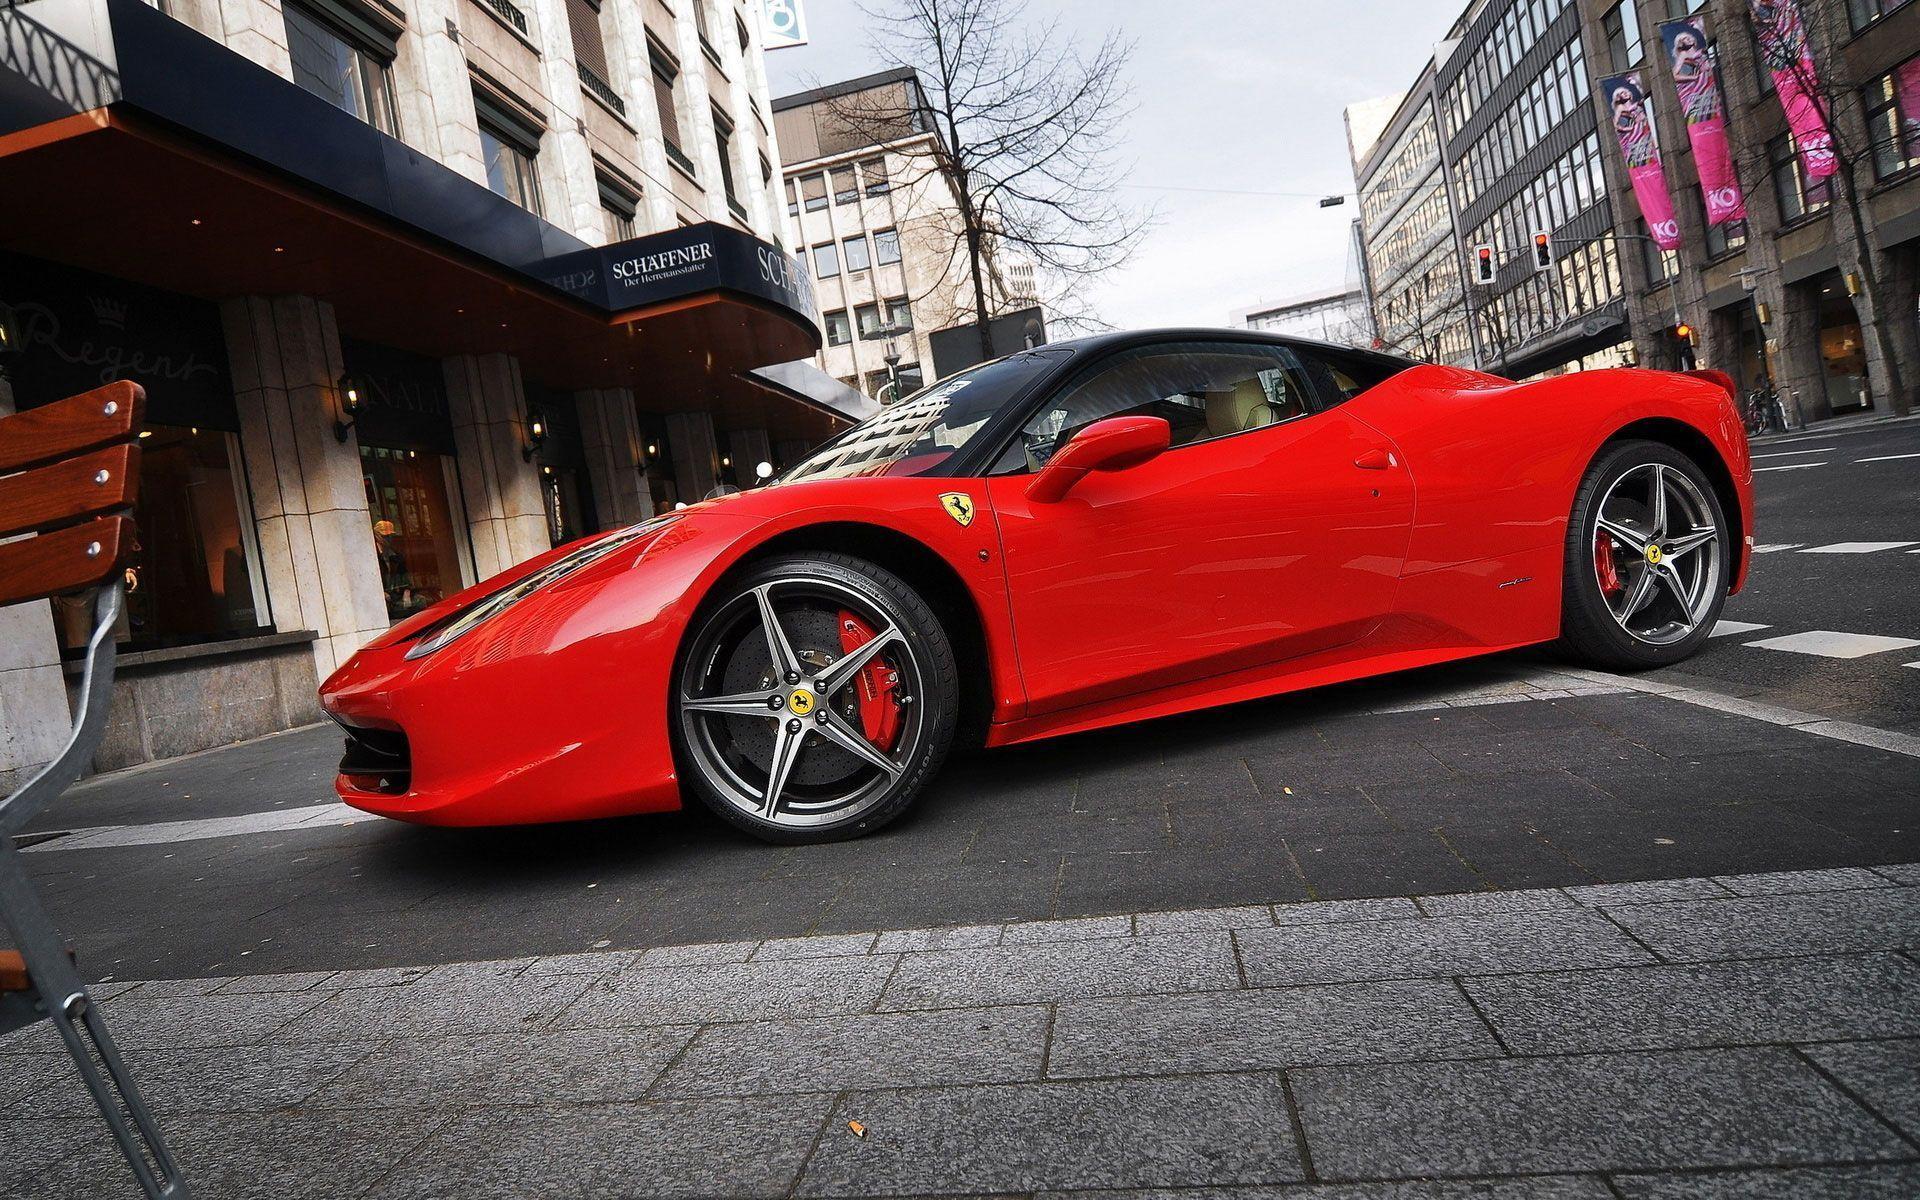 Ferrari 458 Italia Wallpapers Widescreen - Wallpaper Cave